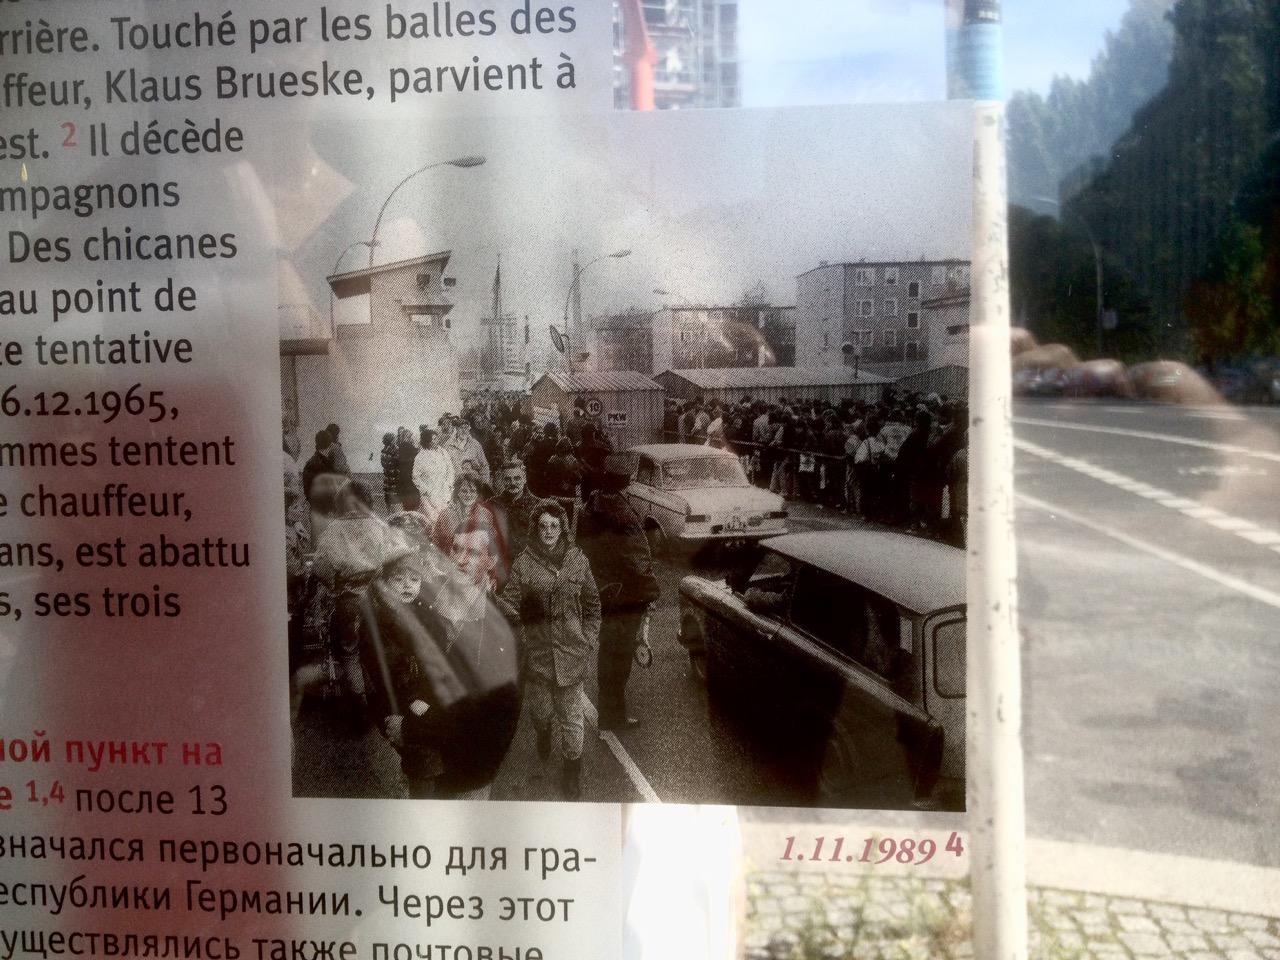 """Postsozialistische Infotafel am ehemaligen Grenzübergang Heinrich-Heine-Straße. Mauerfall. Acht Tage vor Schabowskis """"Sofort""""?"""